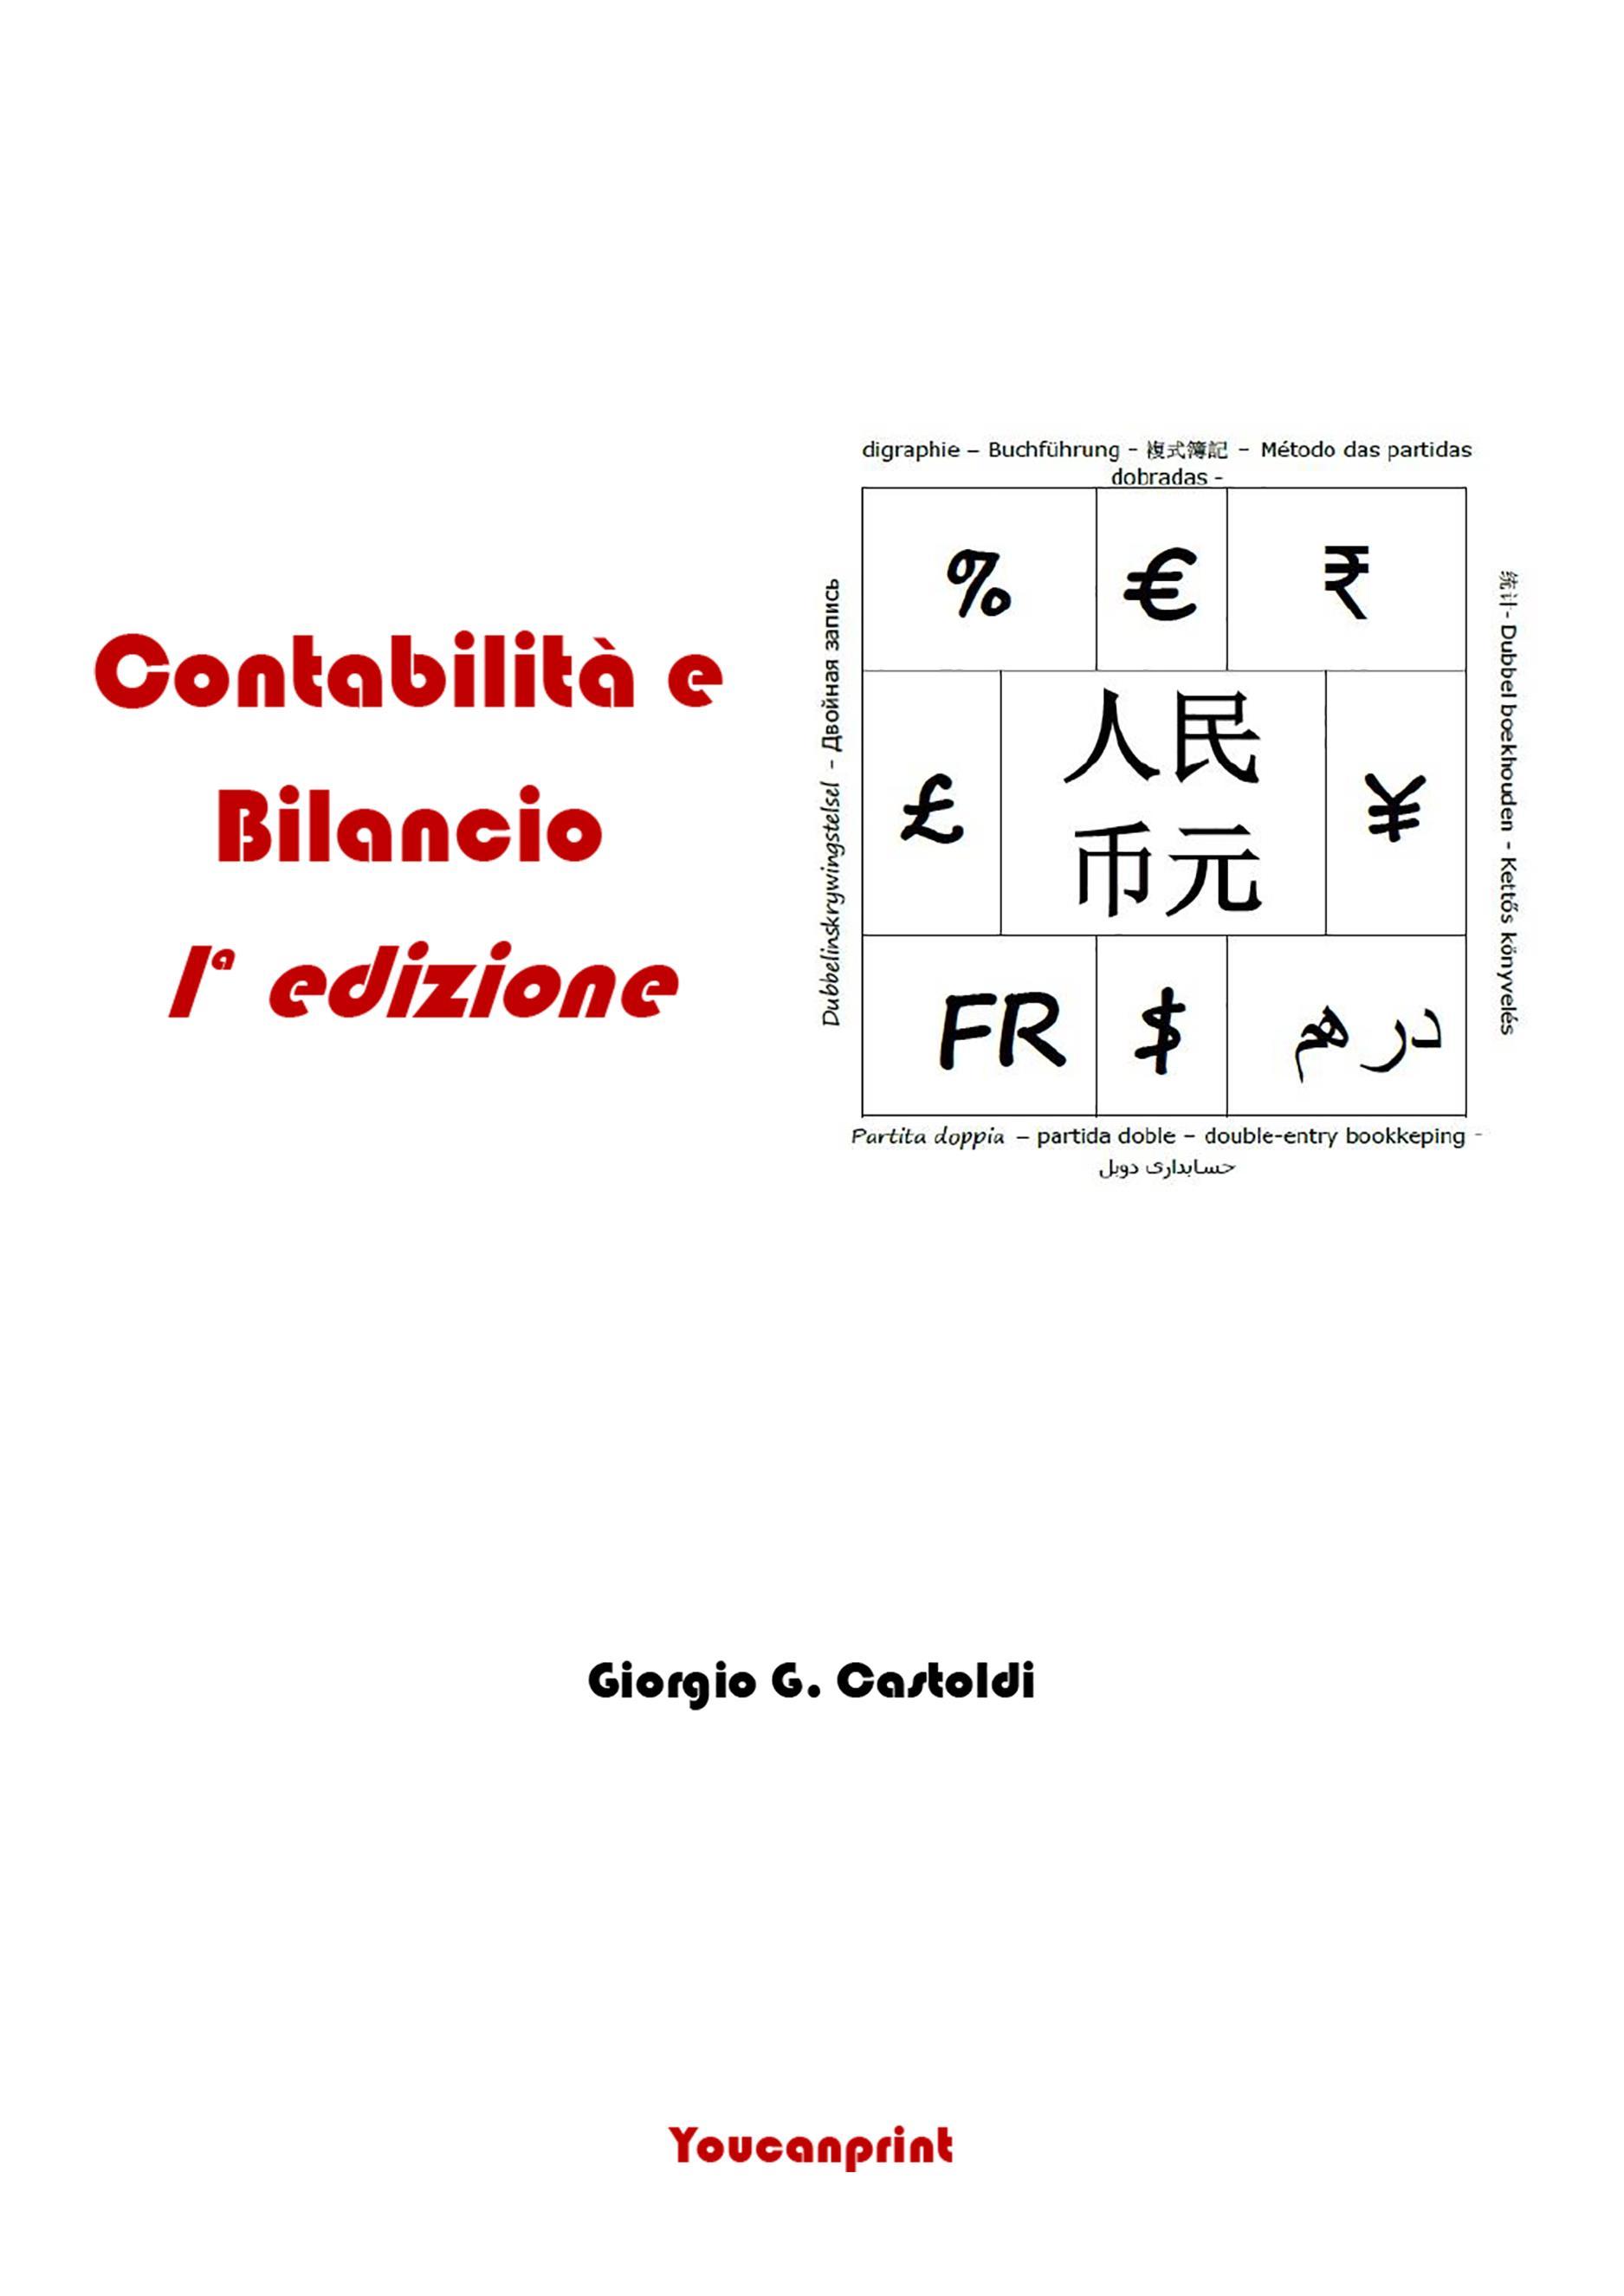 Contabilità e Bilancio. 1° edizione